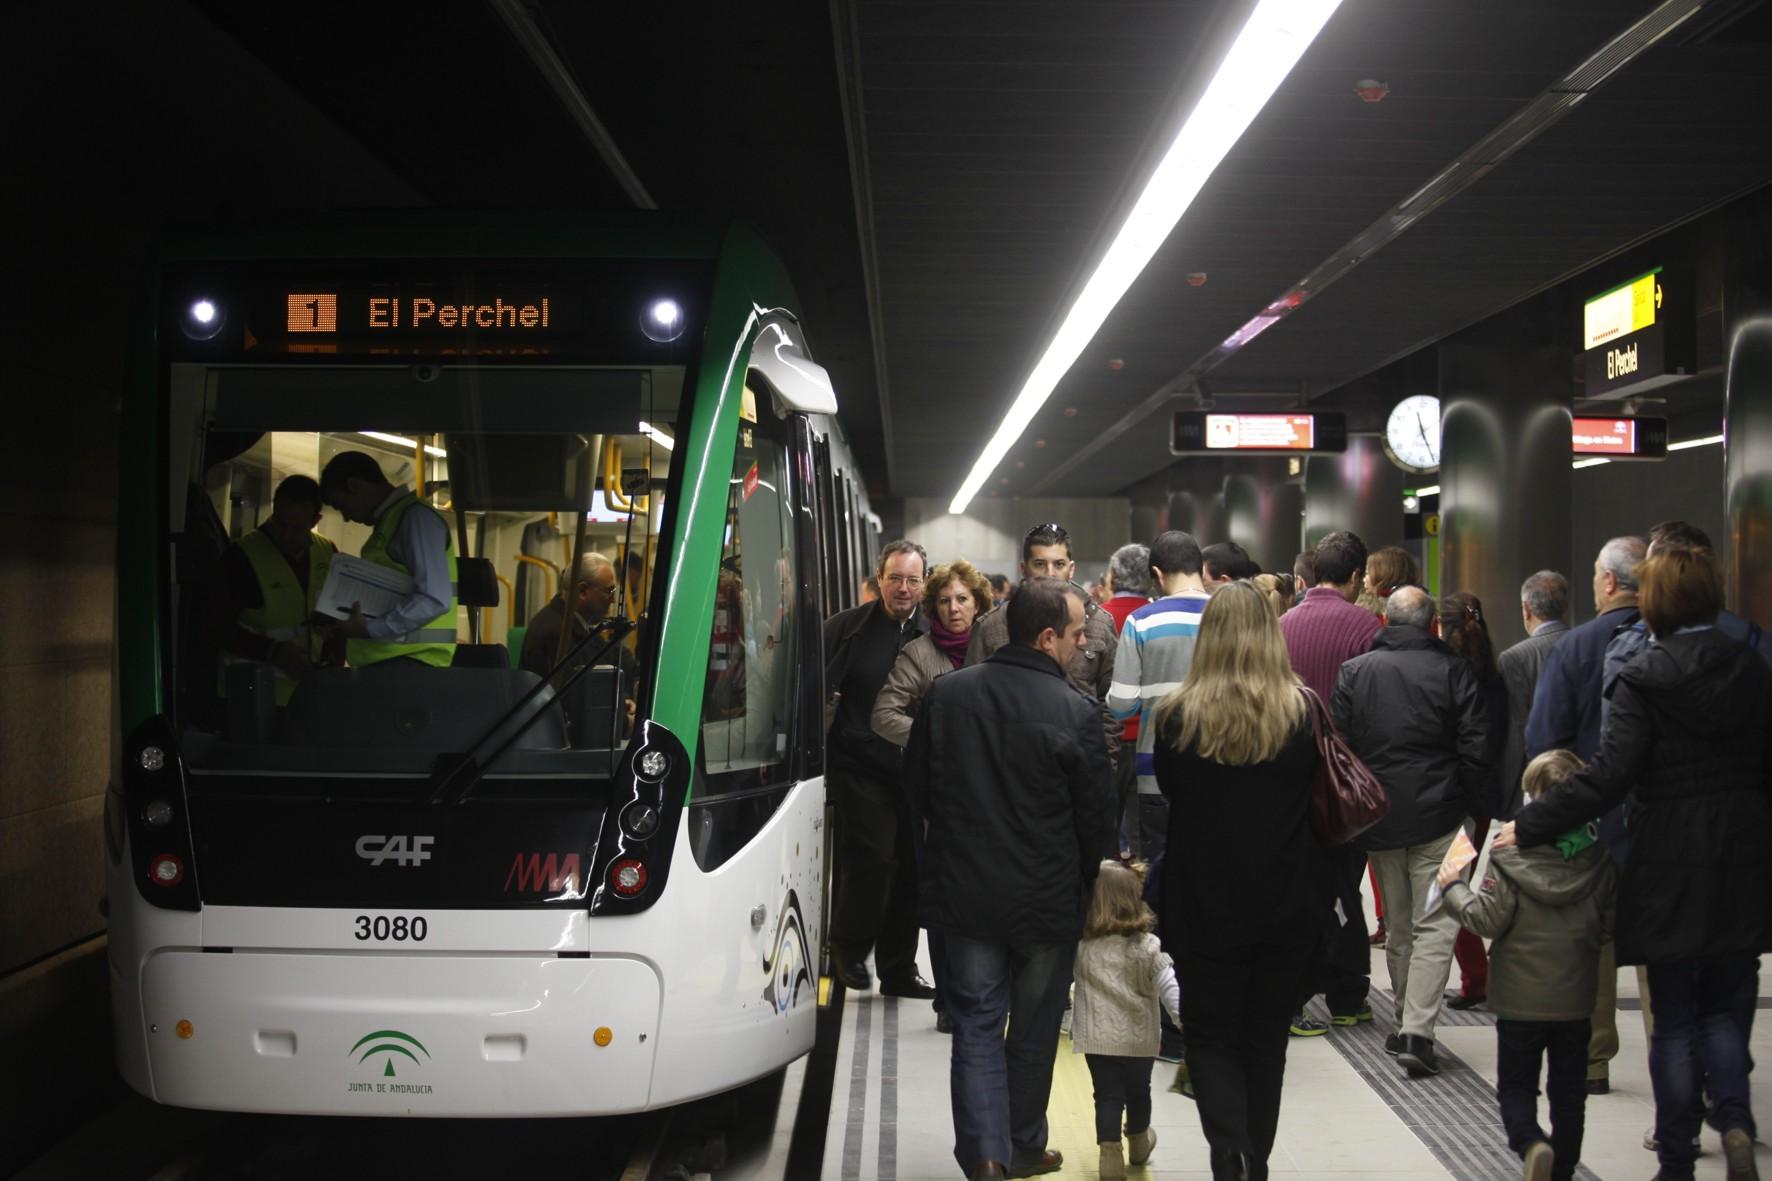 Los metros de Málaga y Sevilla encabezan el ranking de los suburbanos con mayor crecimiento de viajeros en 2016